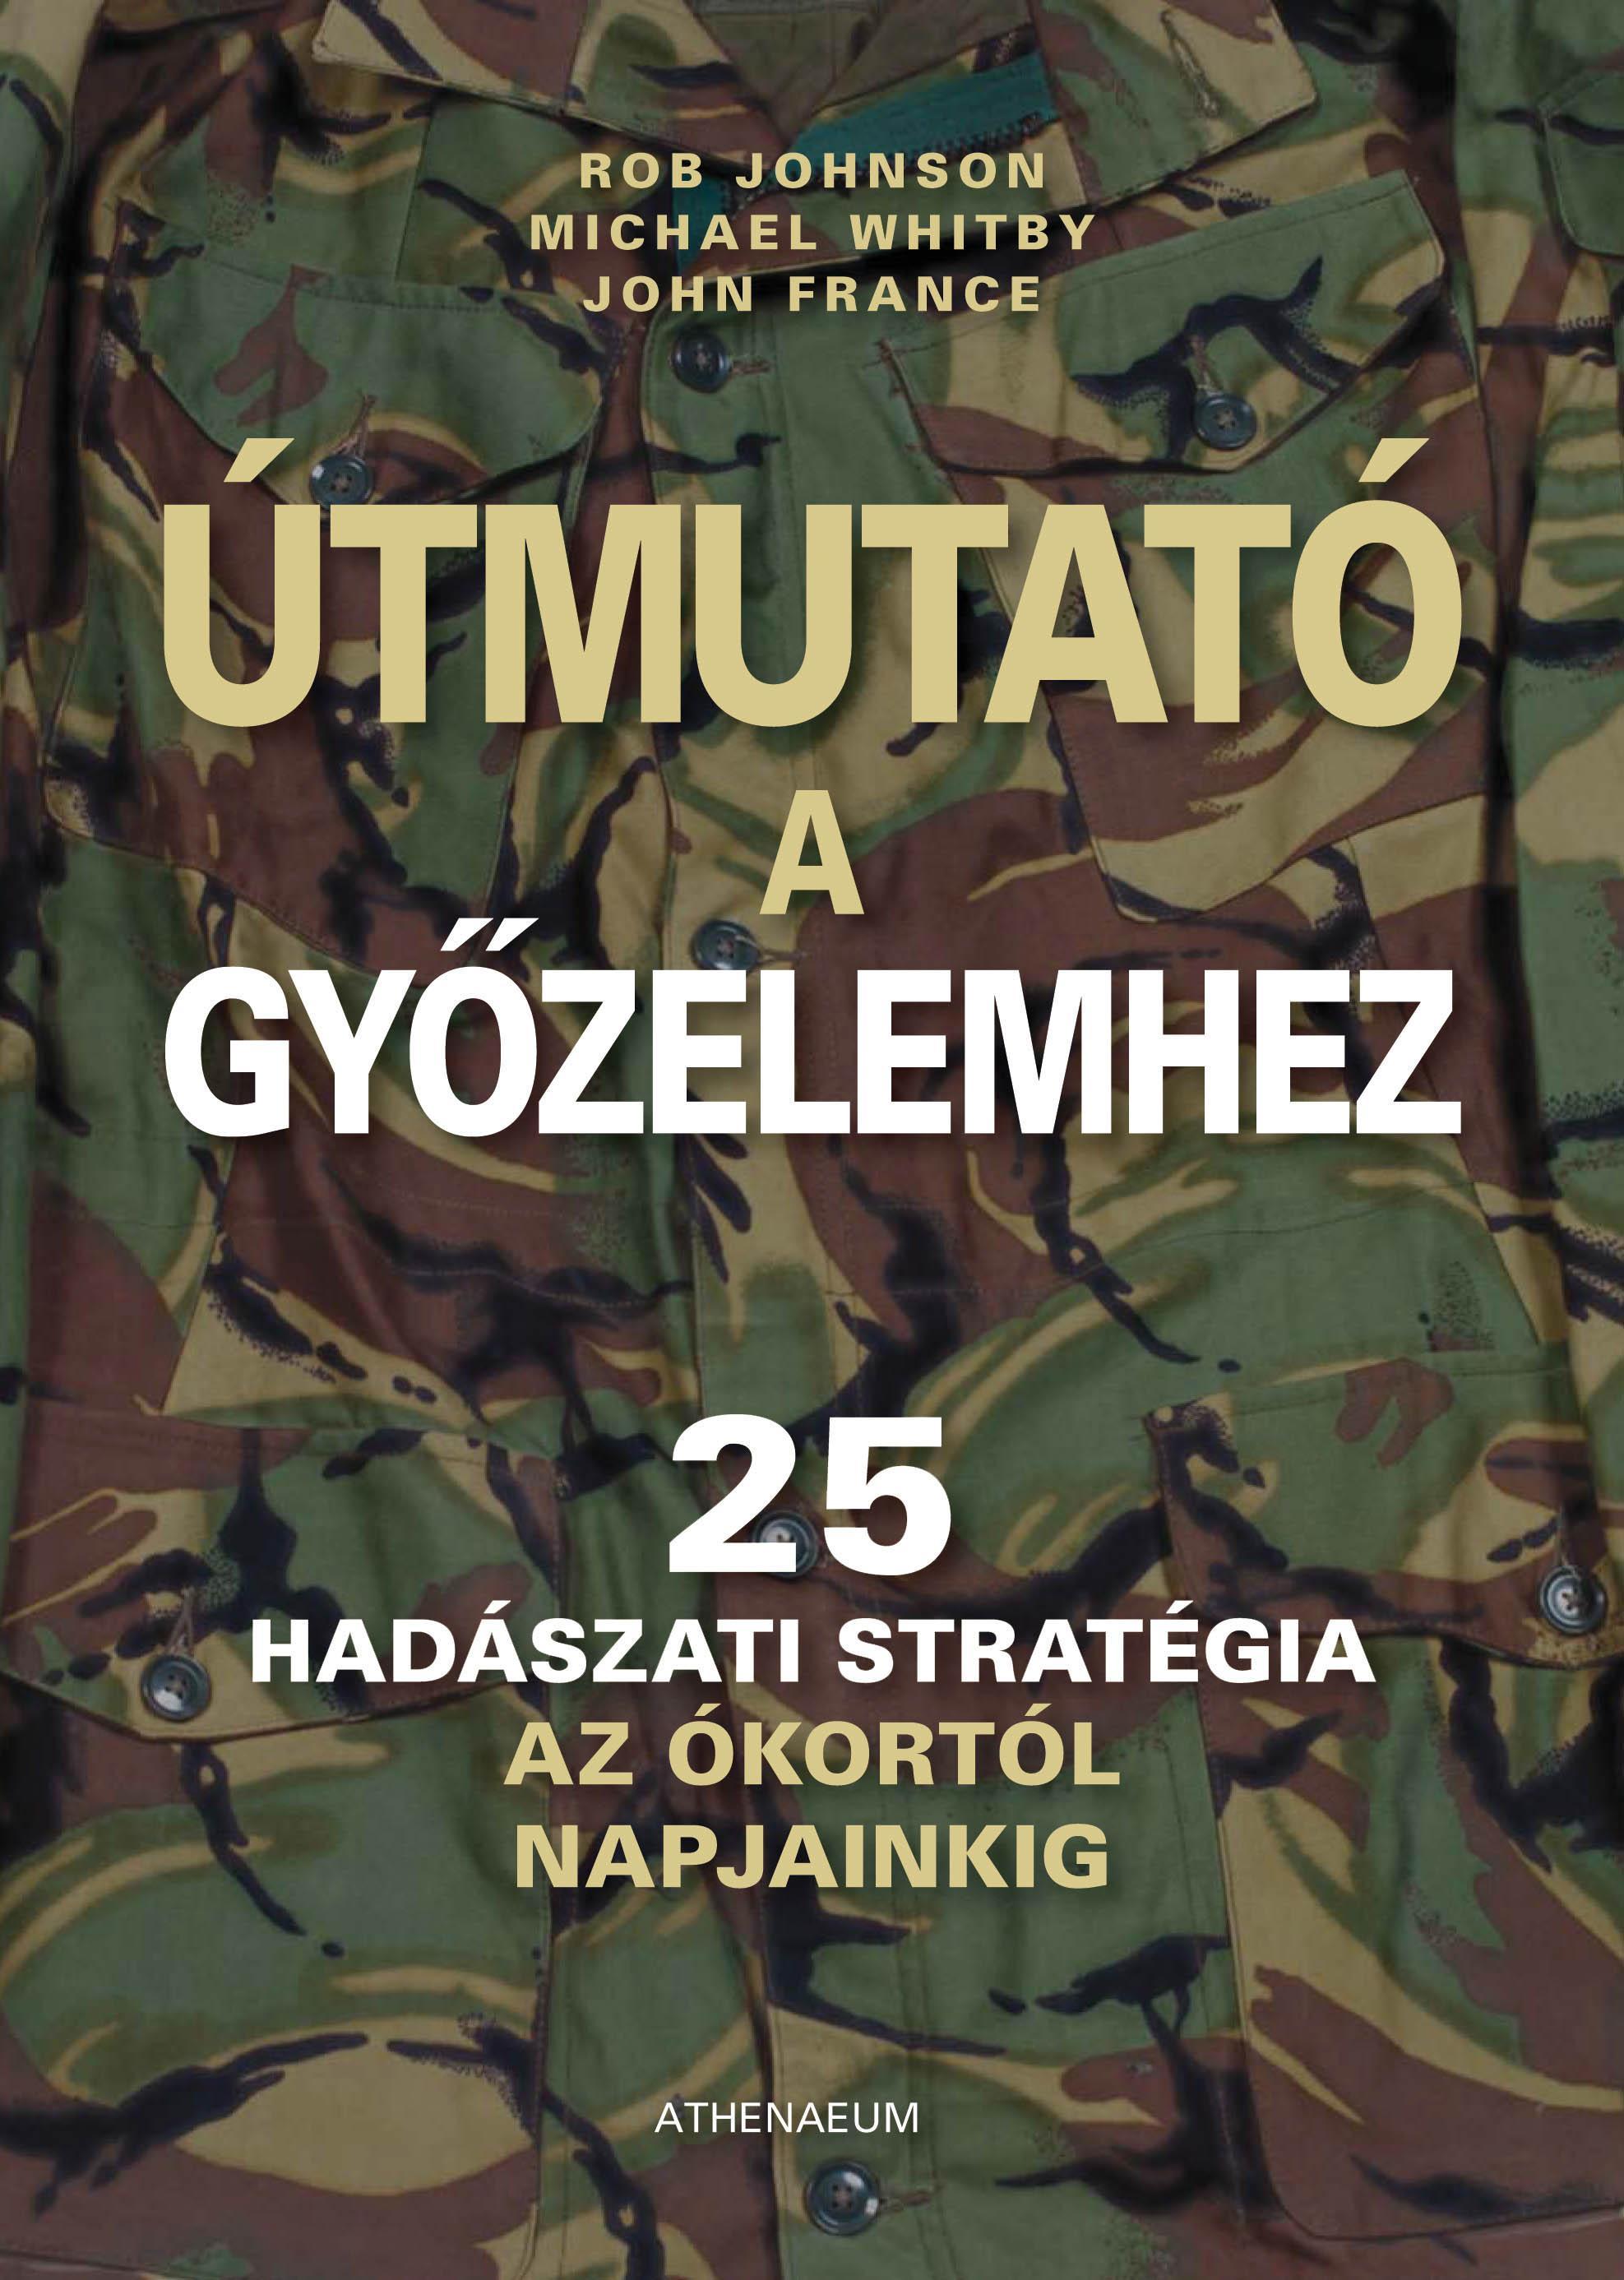 ÚTMUTATÓ A GYŐZELEMHEZ - 25 HADÁSZATI STRATÉGIA AZ ÓKORTÓL NAPJAINKIG -